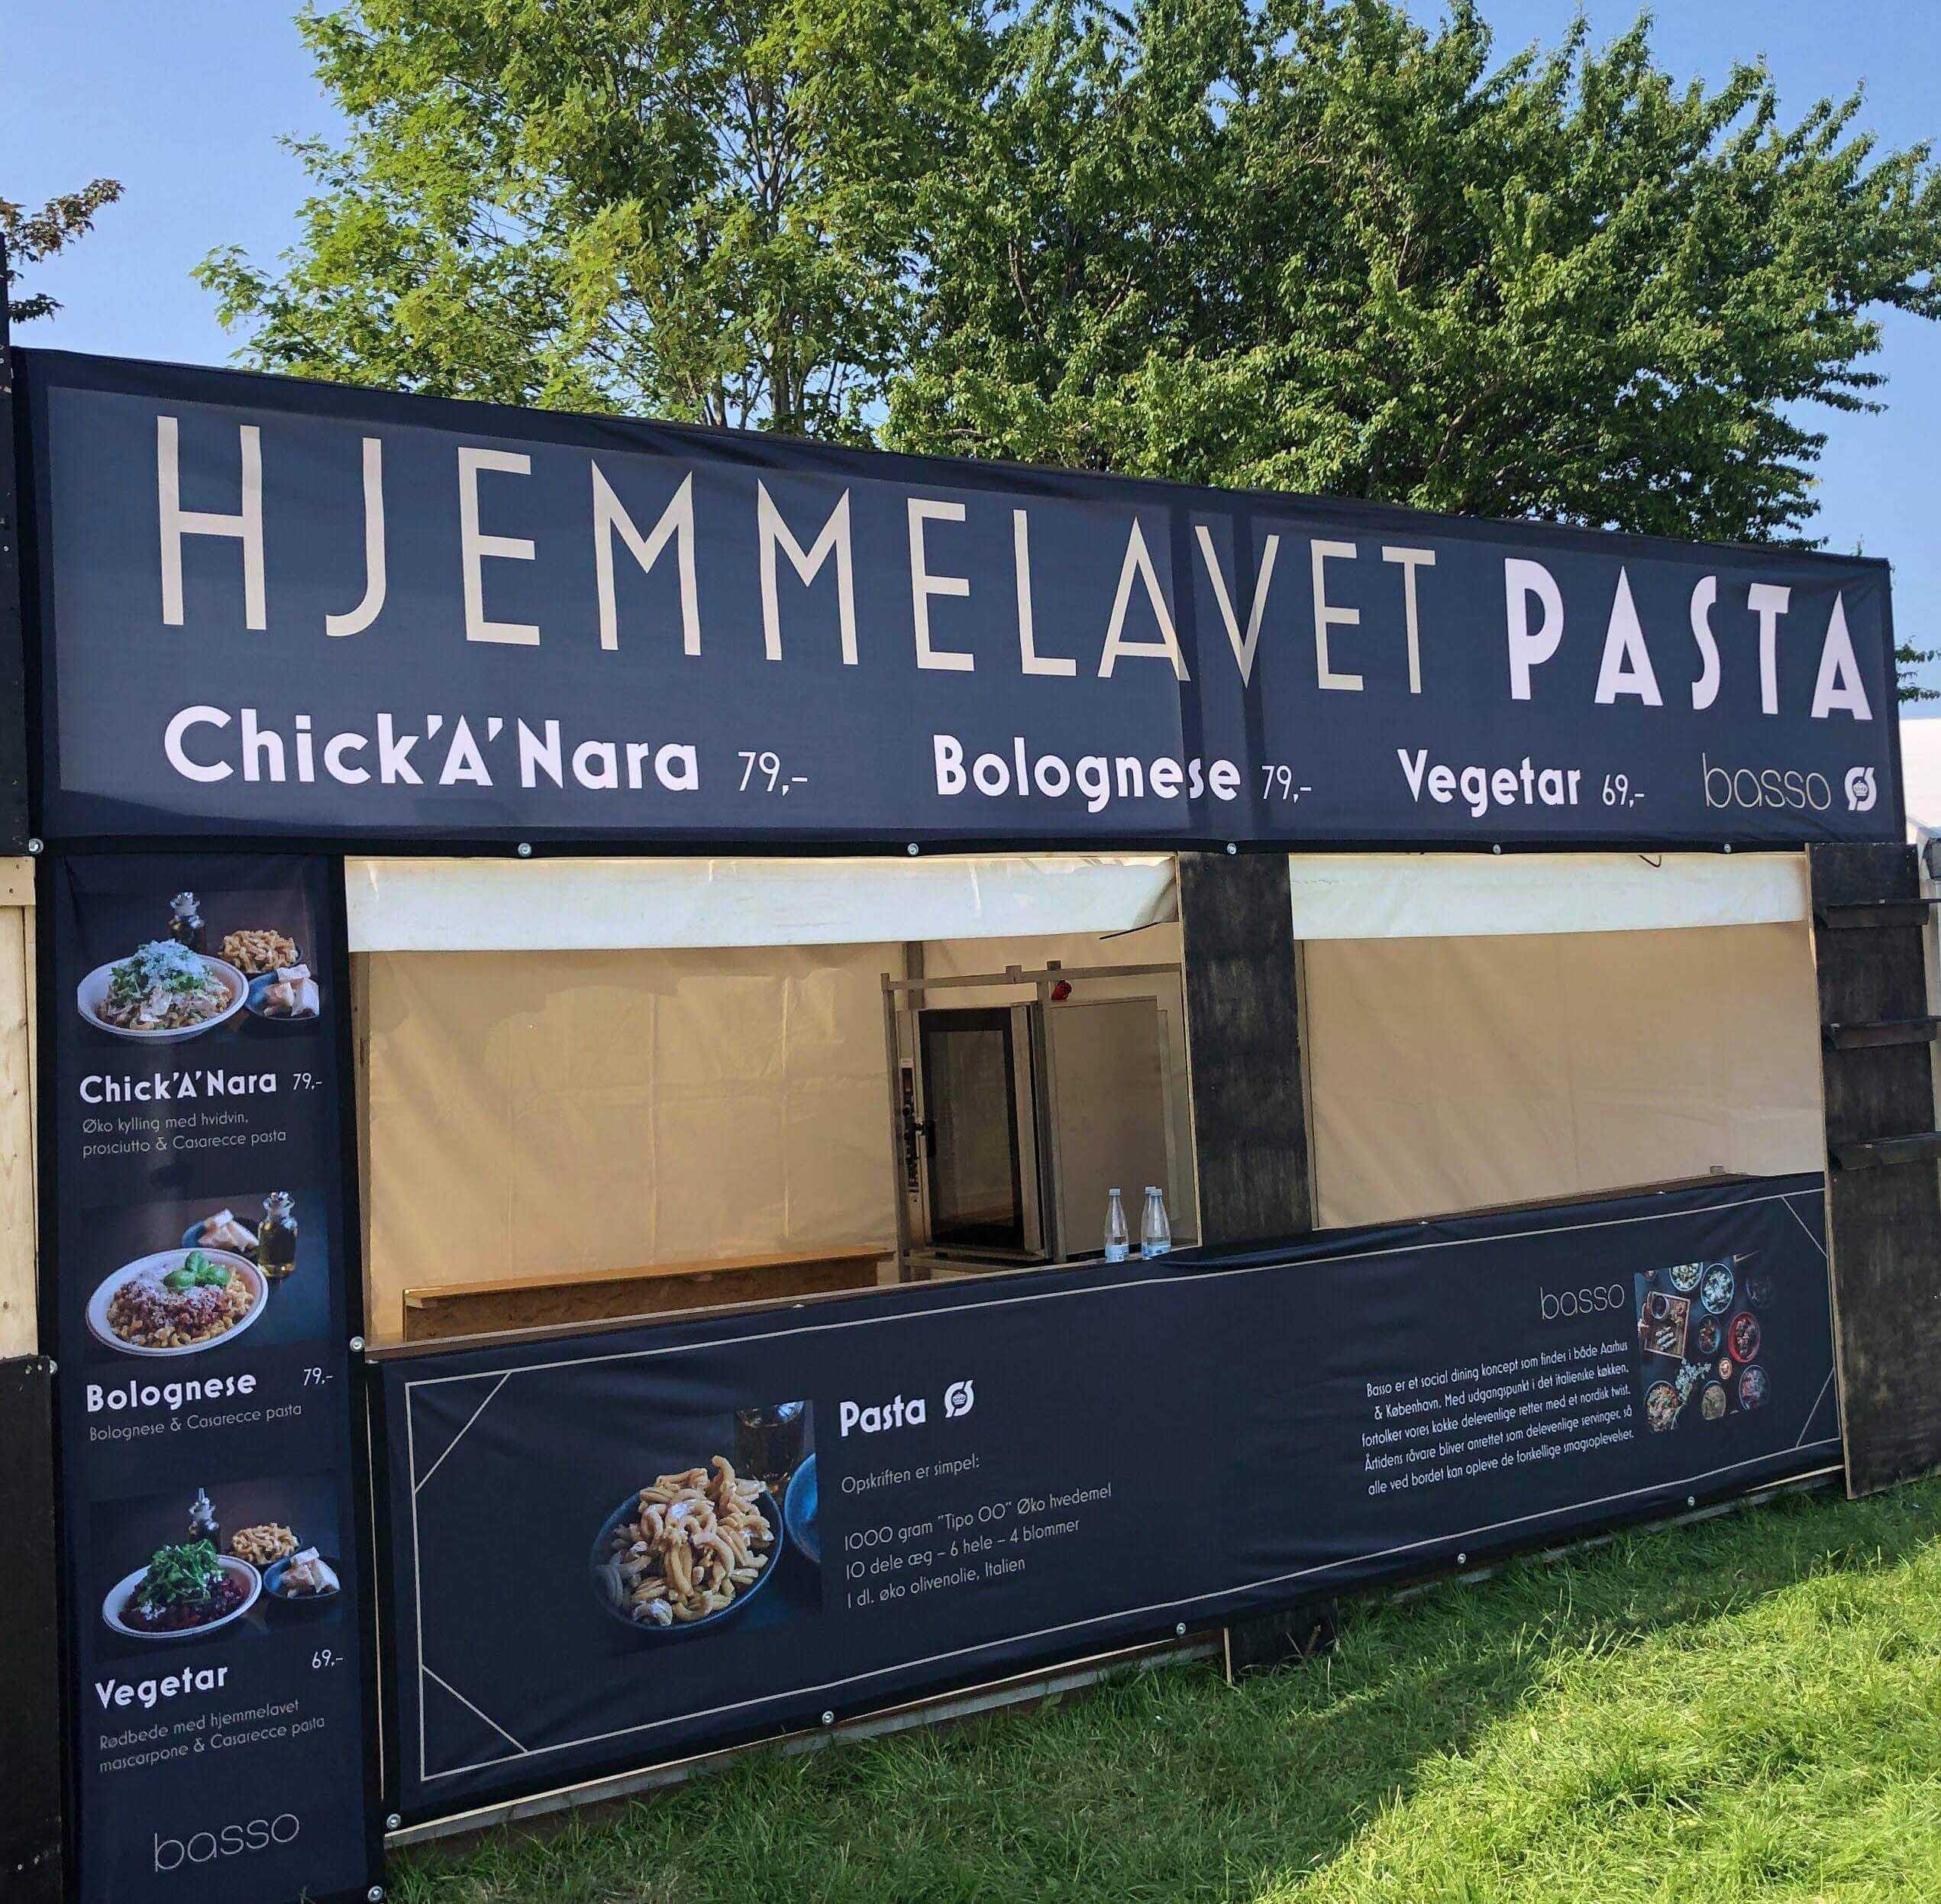 Basso på festival: Glæd dig til hjemmelavet pasta på NorthSide